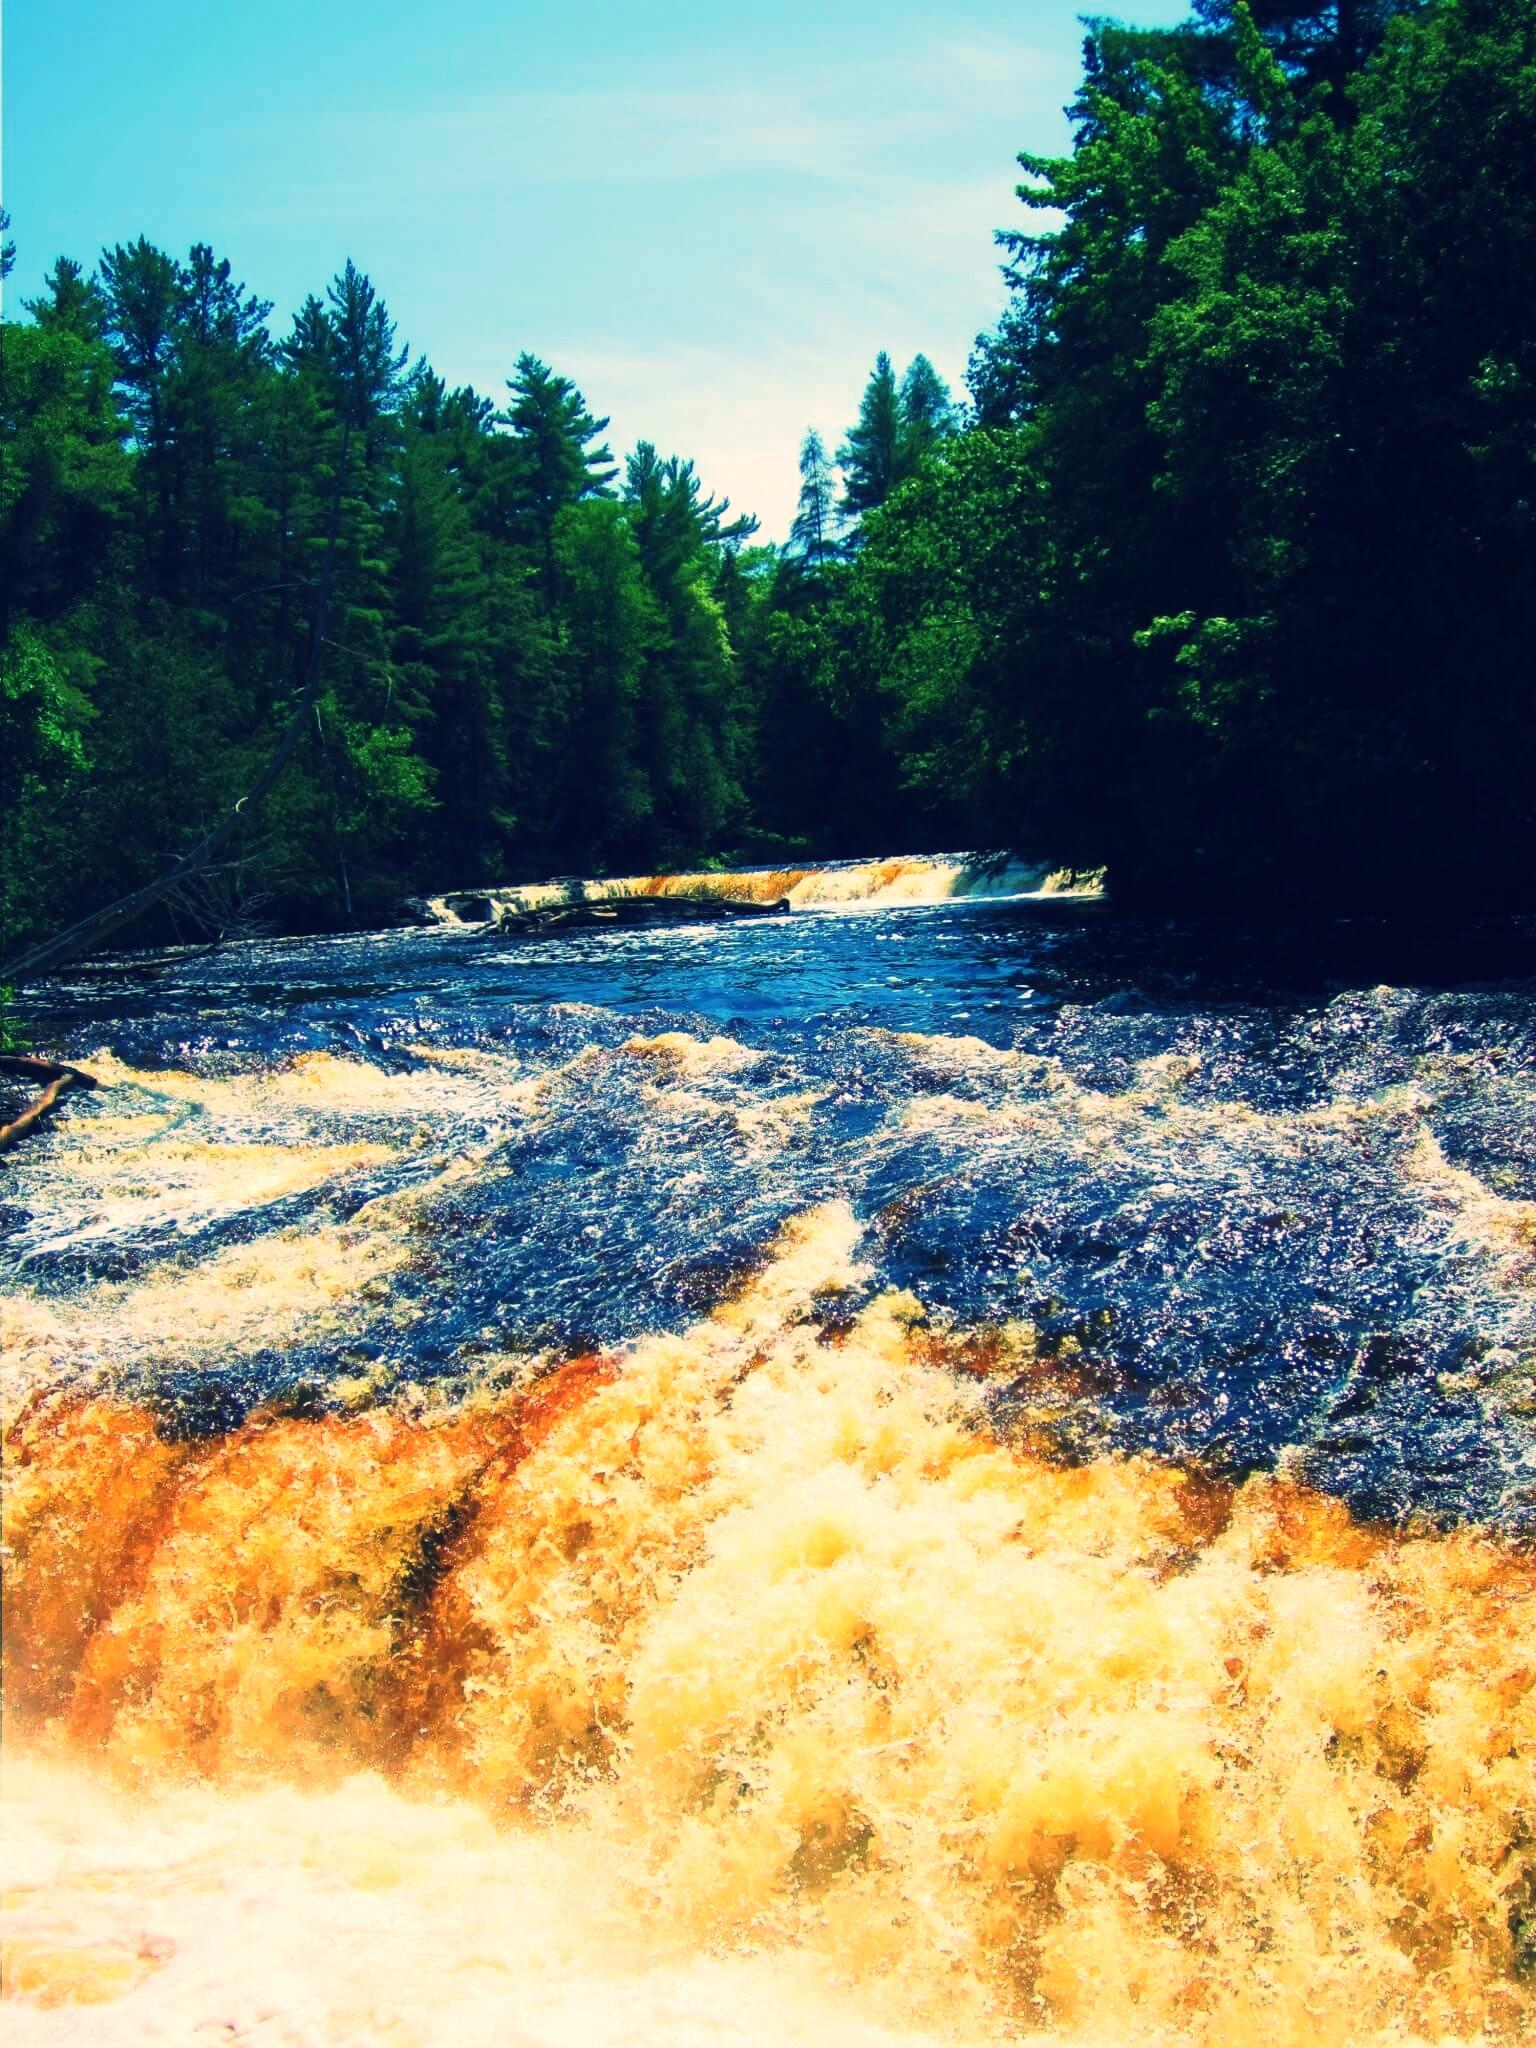 Tahquamenon Falls, Michigan, June 2011